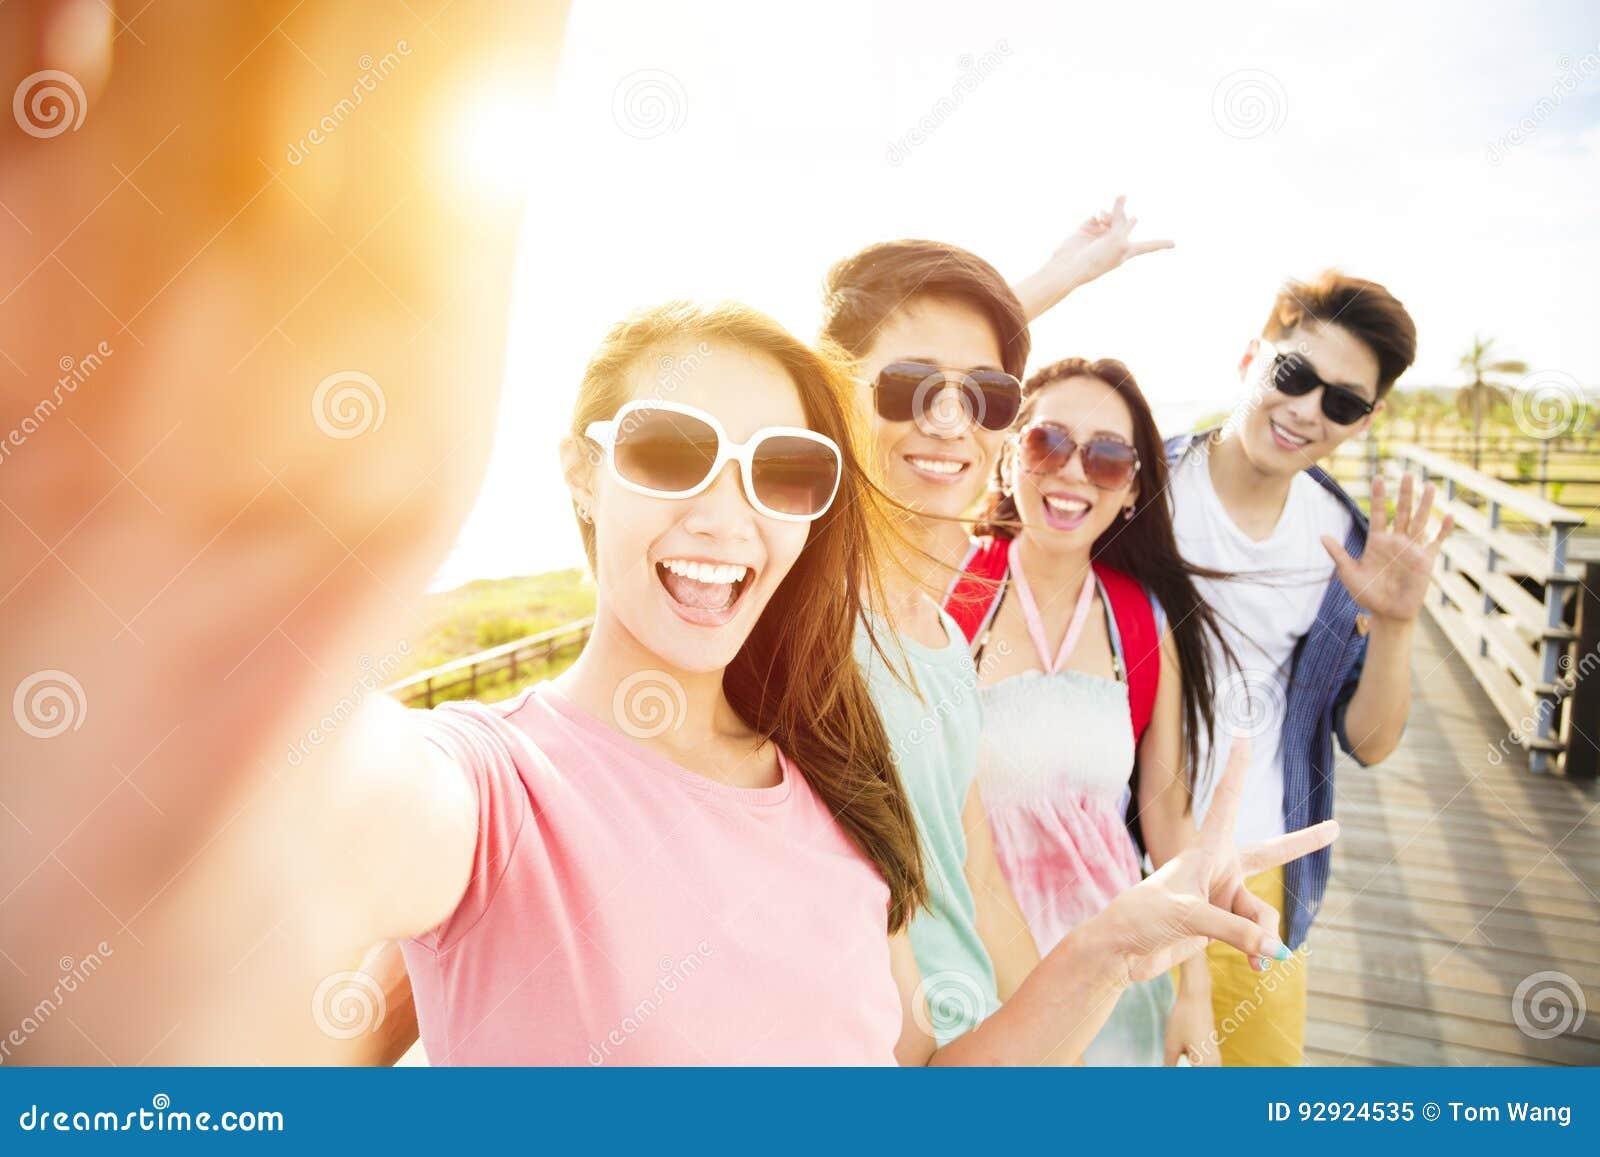 Νέοι φίλοι ομάδας που παίρνουν selfie στις θερινές διακοπές